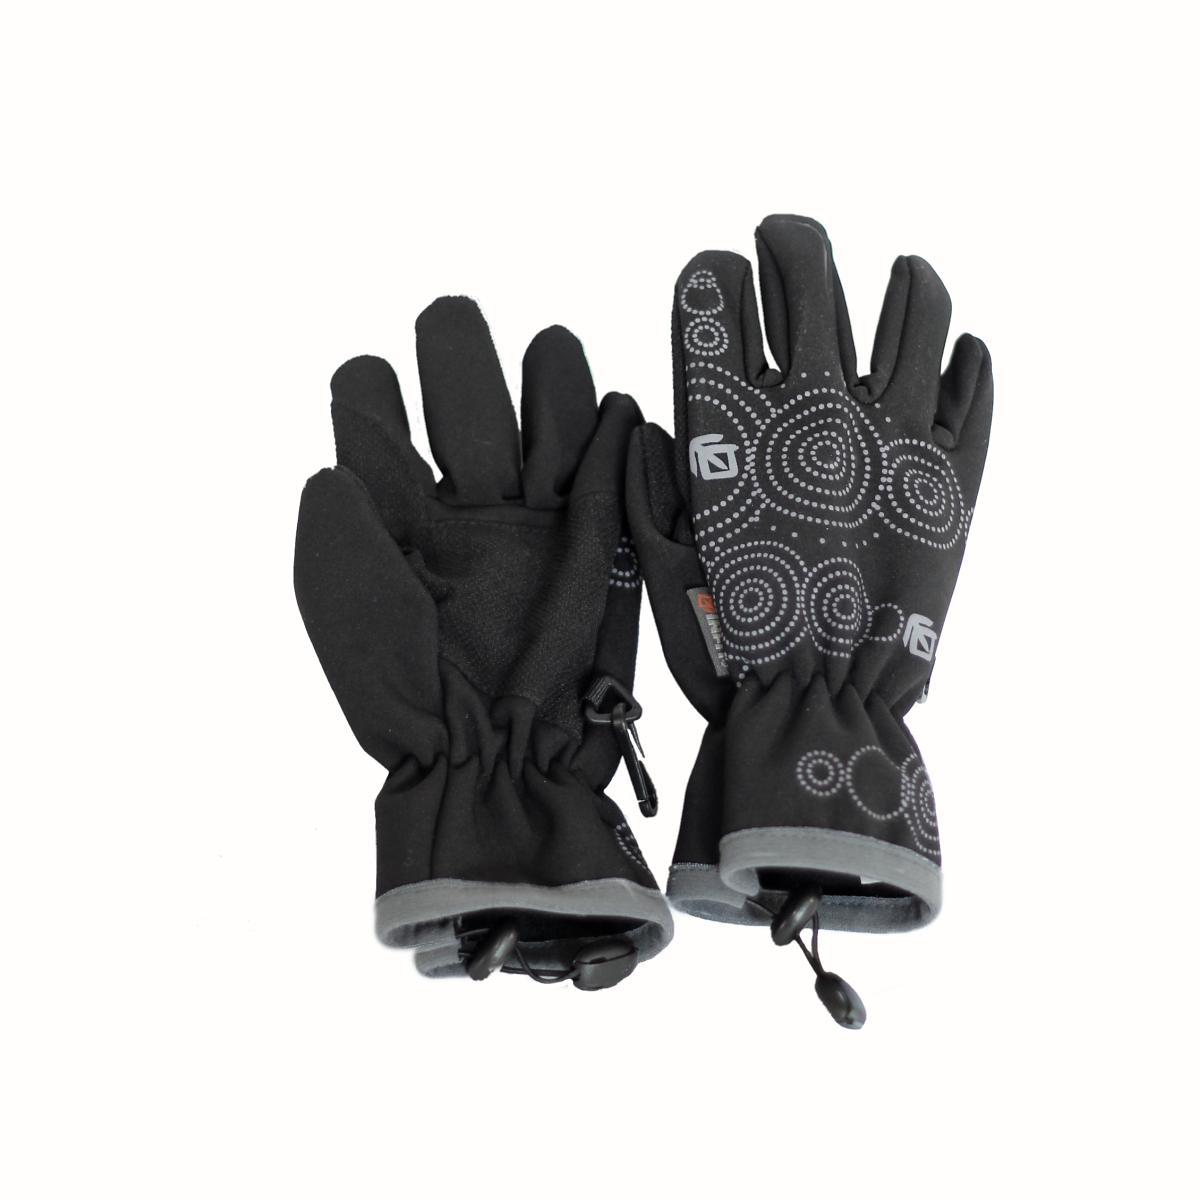 Teplé funkční soft shell rukavice s membránou a Kevlarem pro děti od 4 let. 460c633322